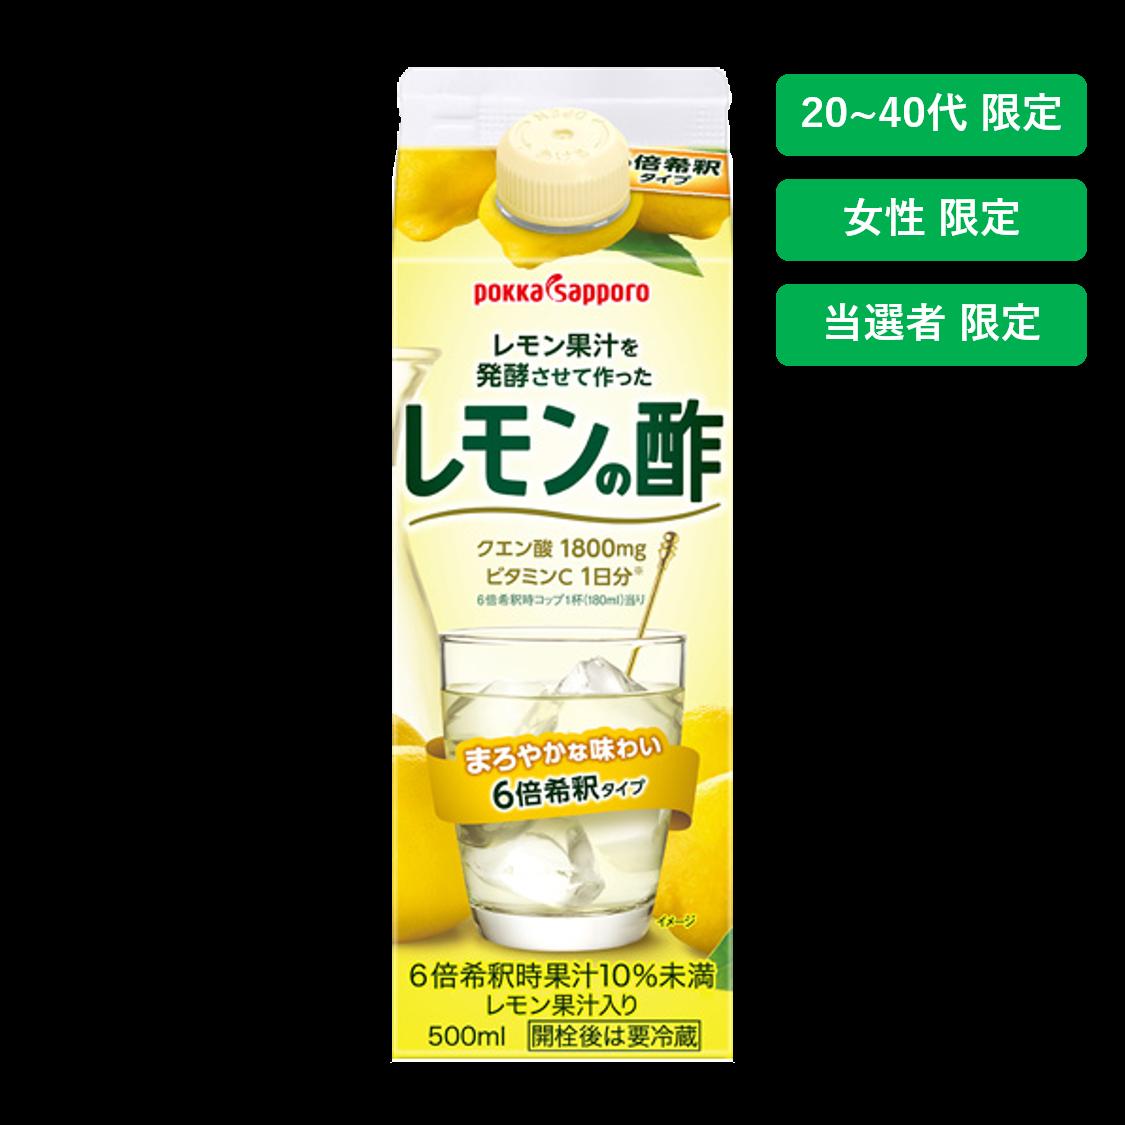 【当選者限定】レモン果汁を発酵させて作ったレモンの酢